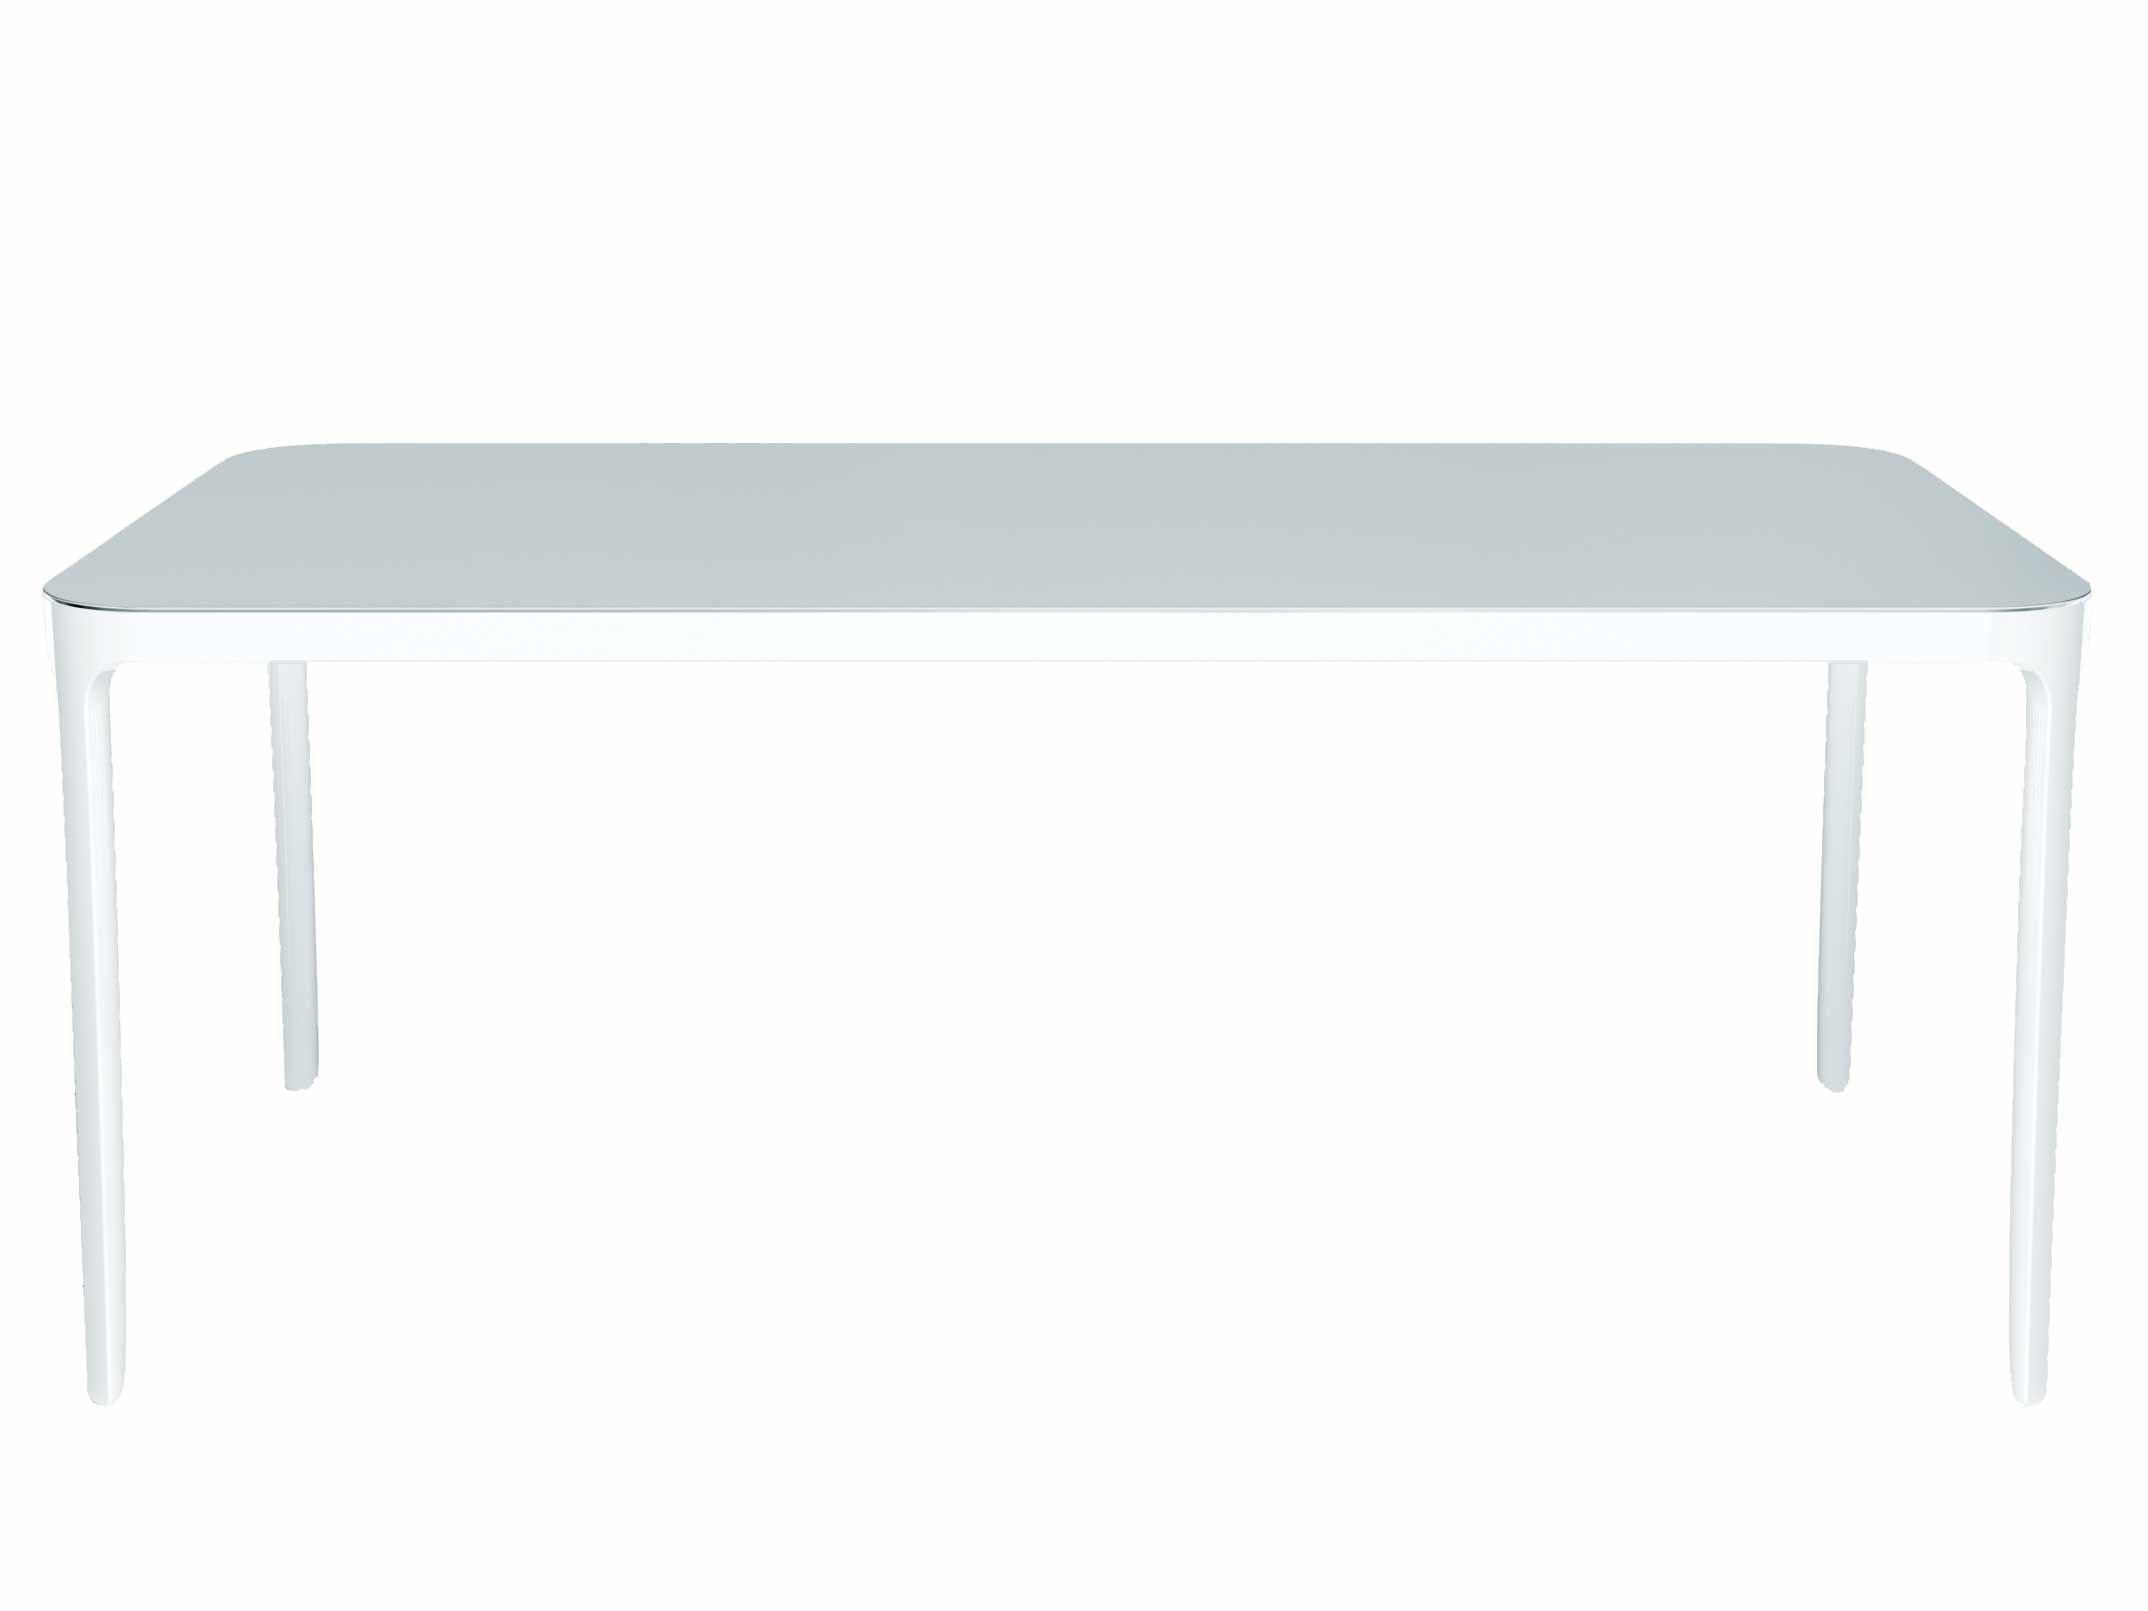 Möbel - Tische - Vanity rechteckiger Tisch Rechteckig – 140 x 80 cm - Magis - 140 x 80 cm - weiß - klarlackbeschichtetes Aluminium, klarlackbeschichtetes Glas